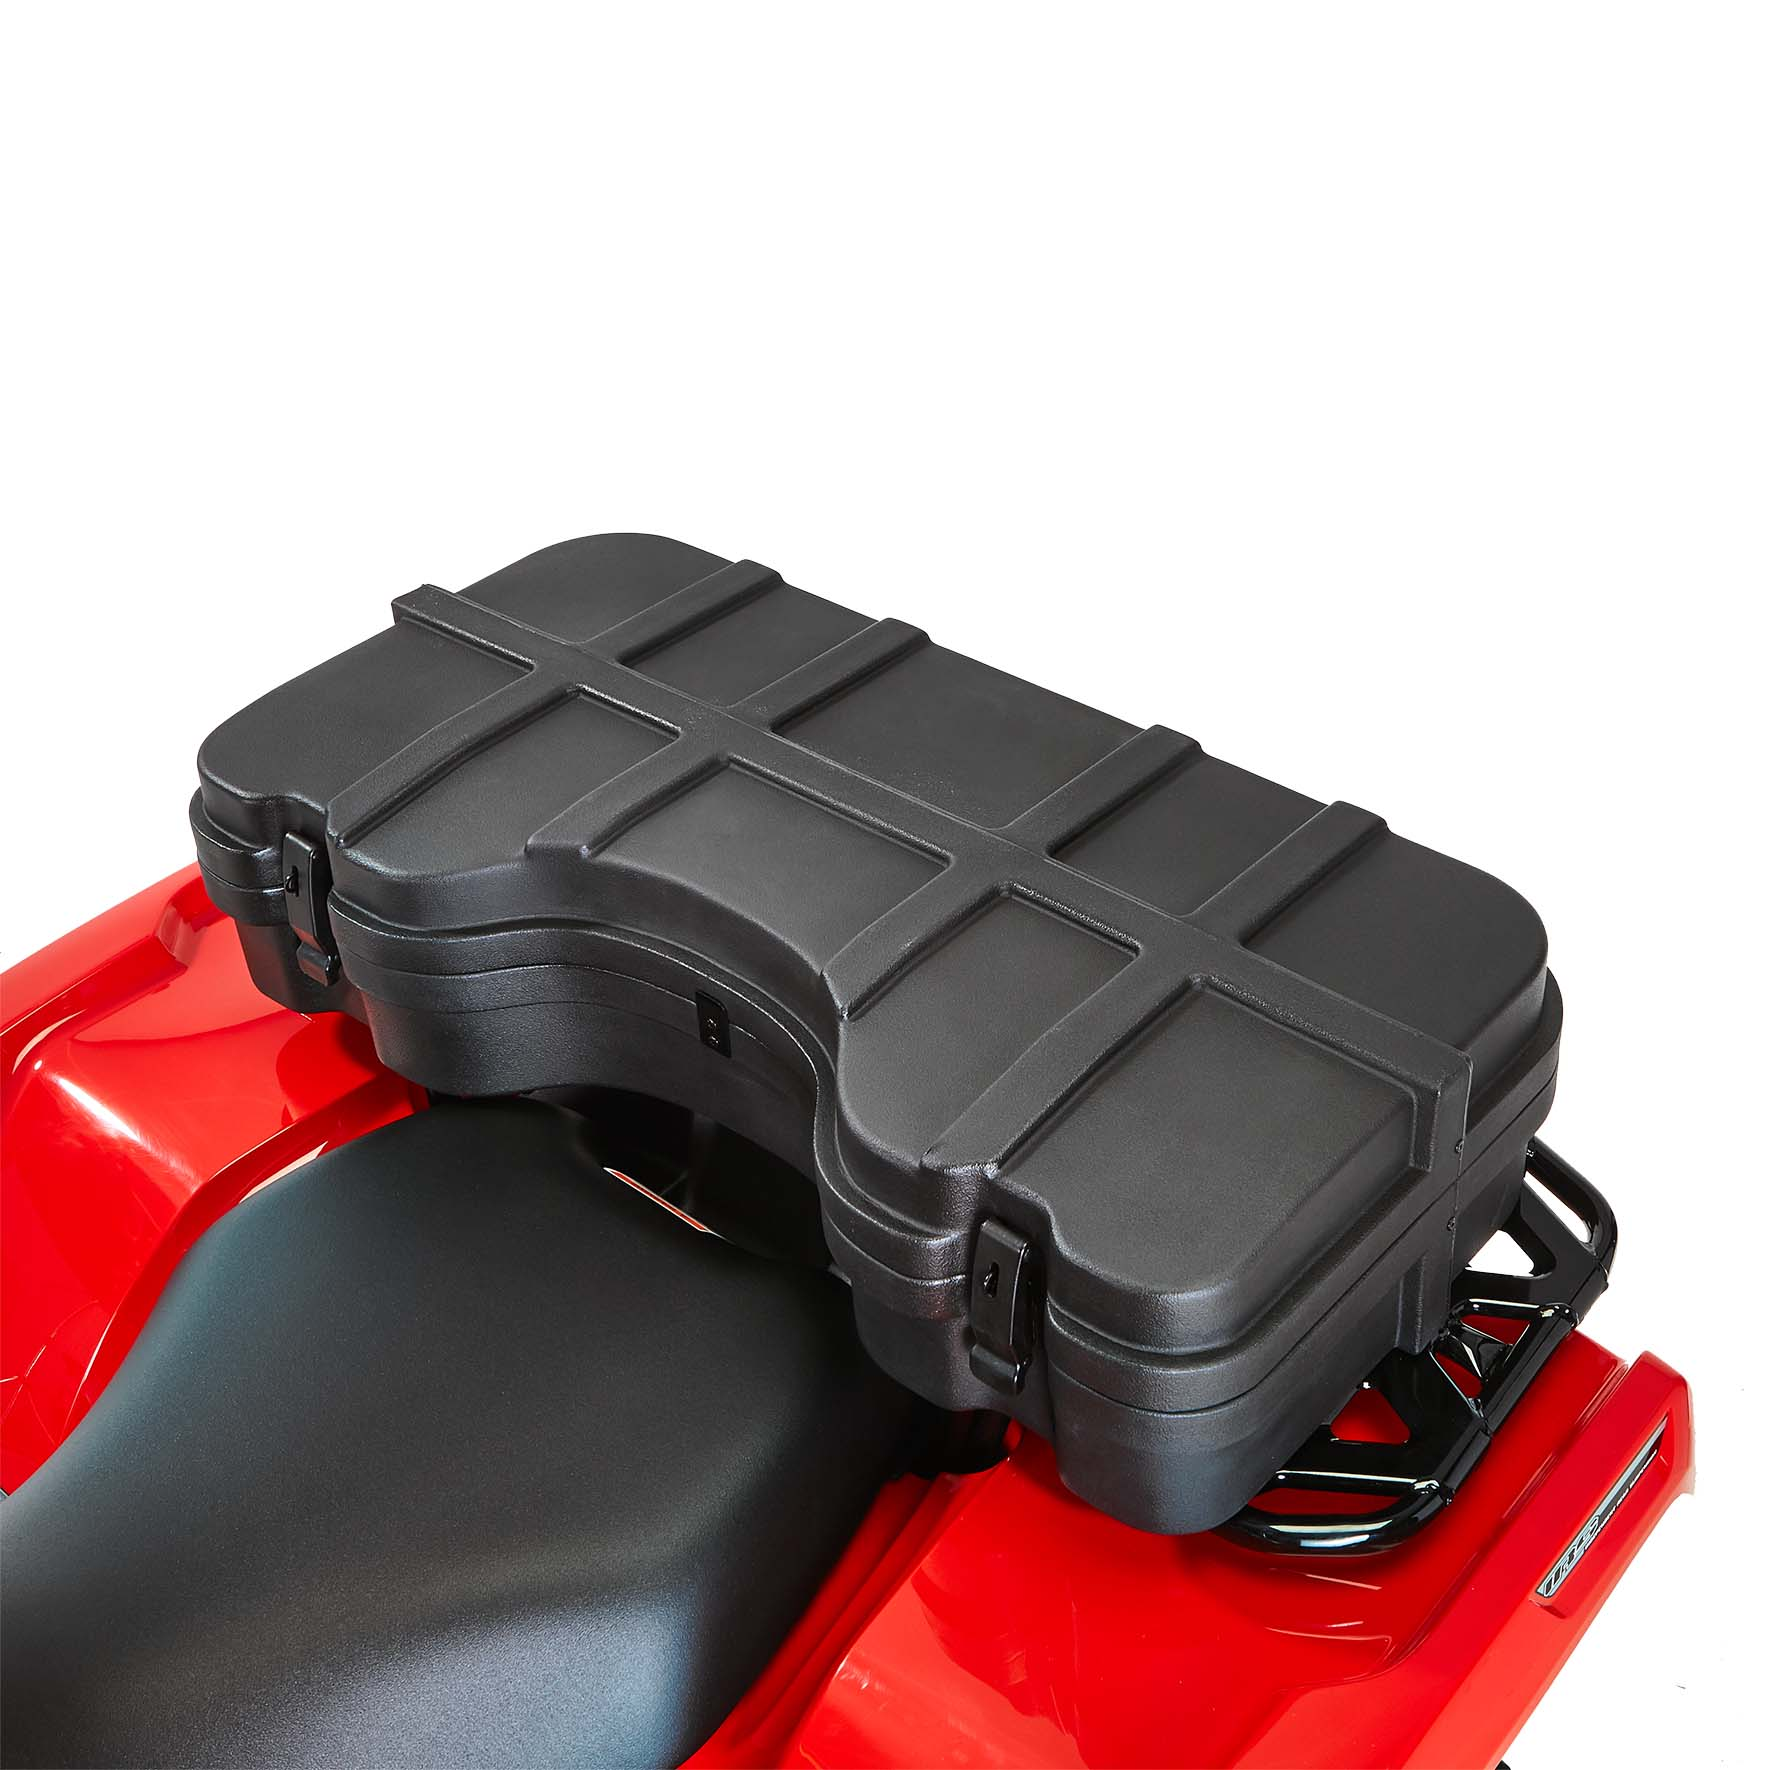 Rotational molded ATV cargo box